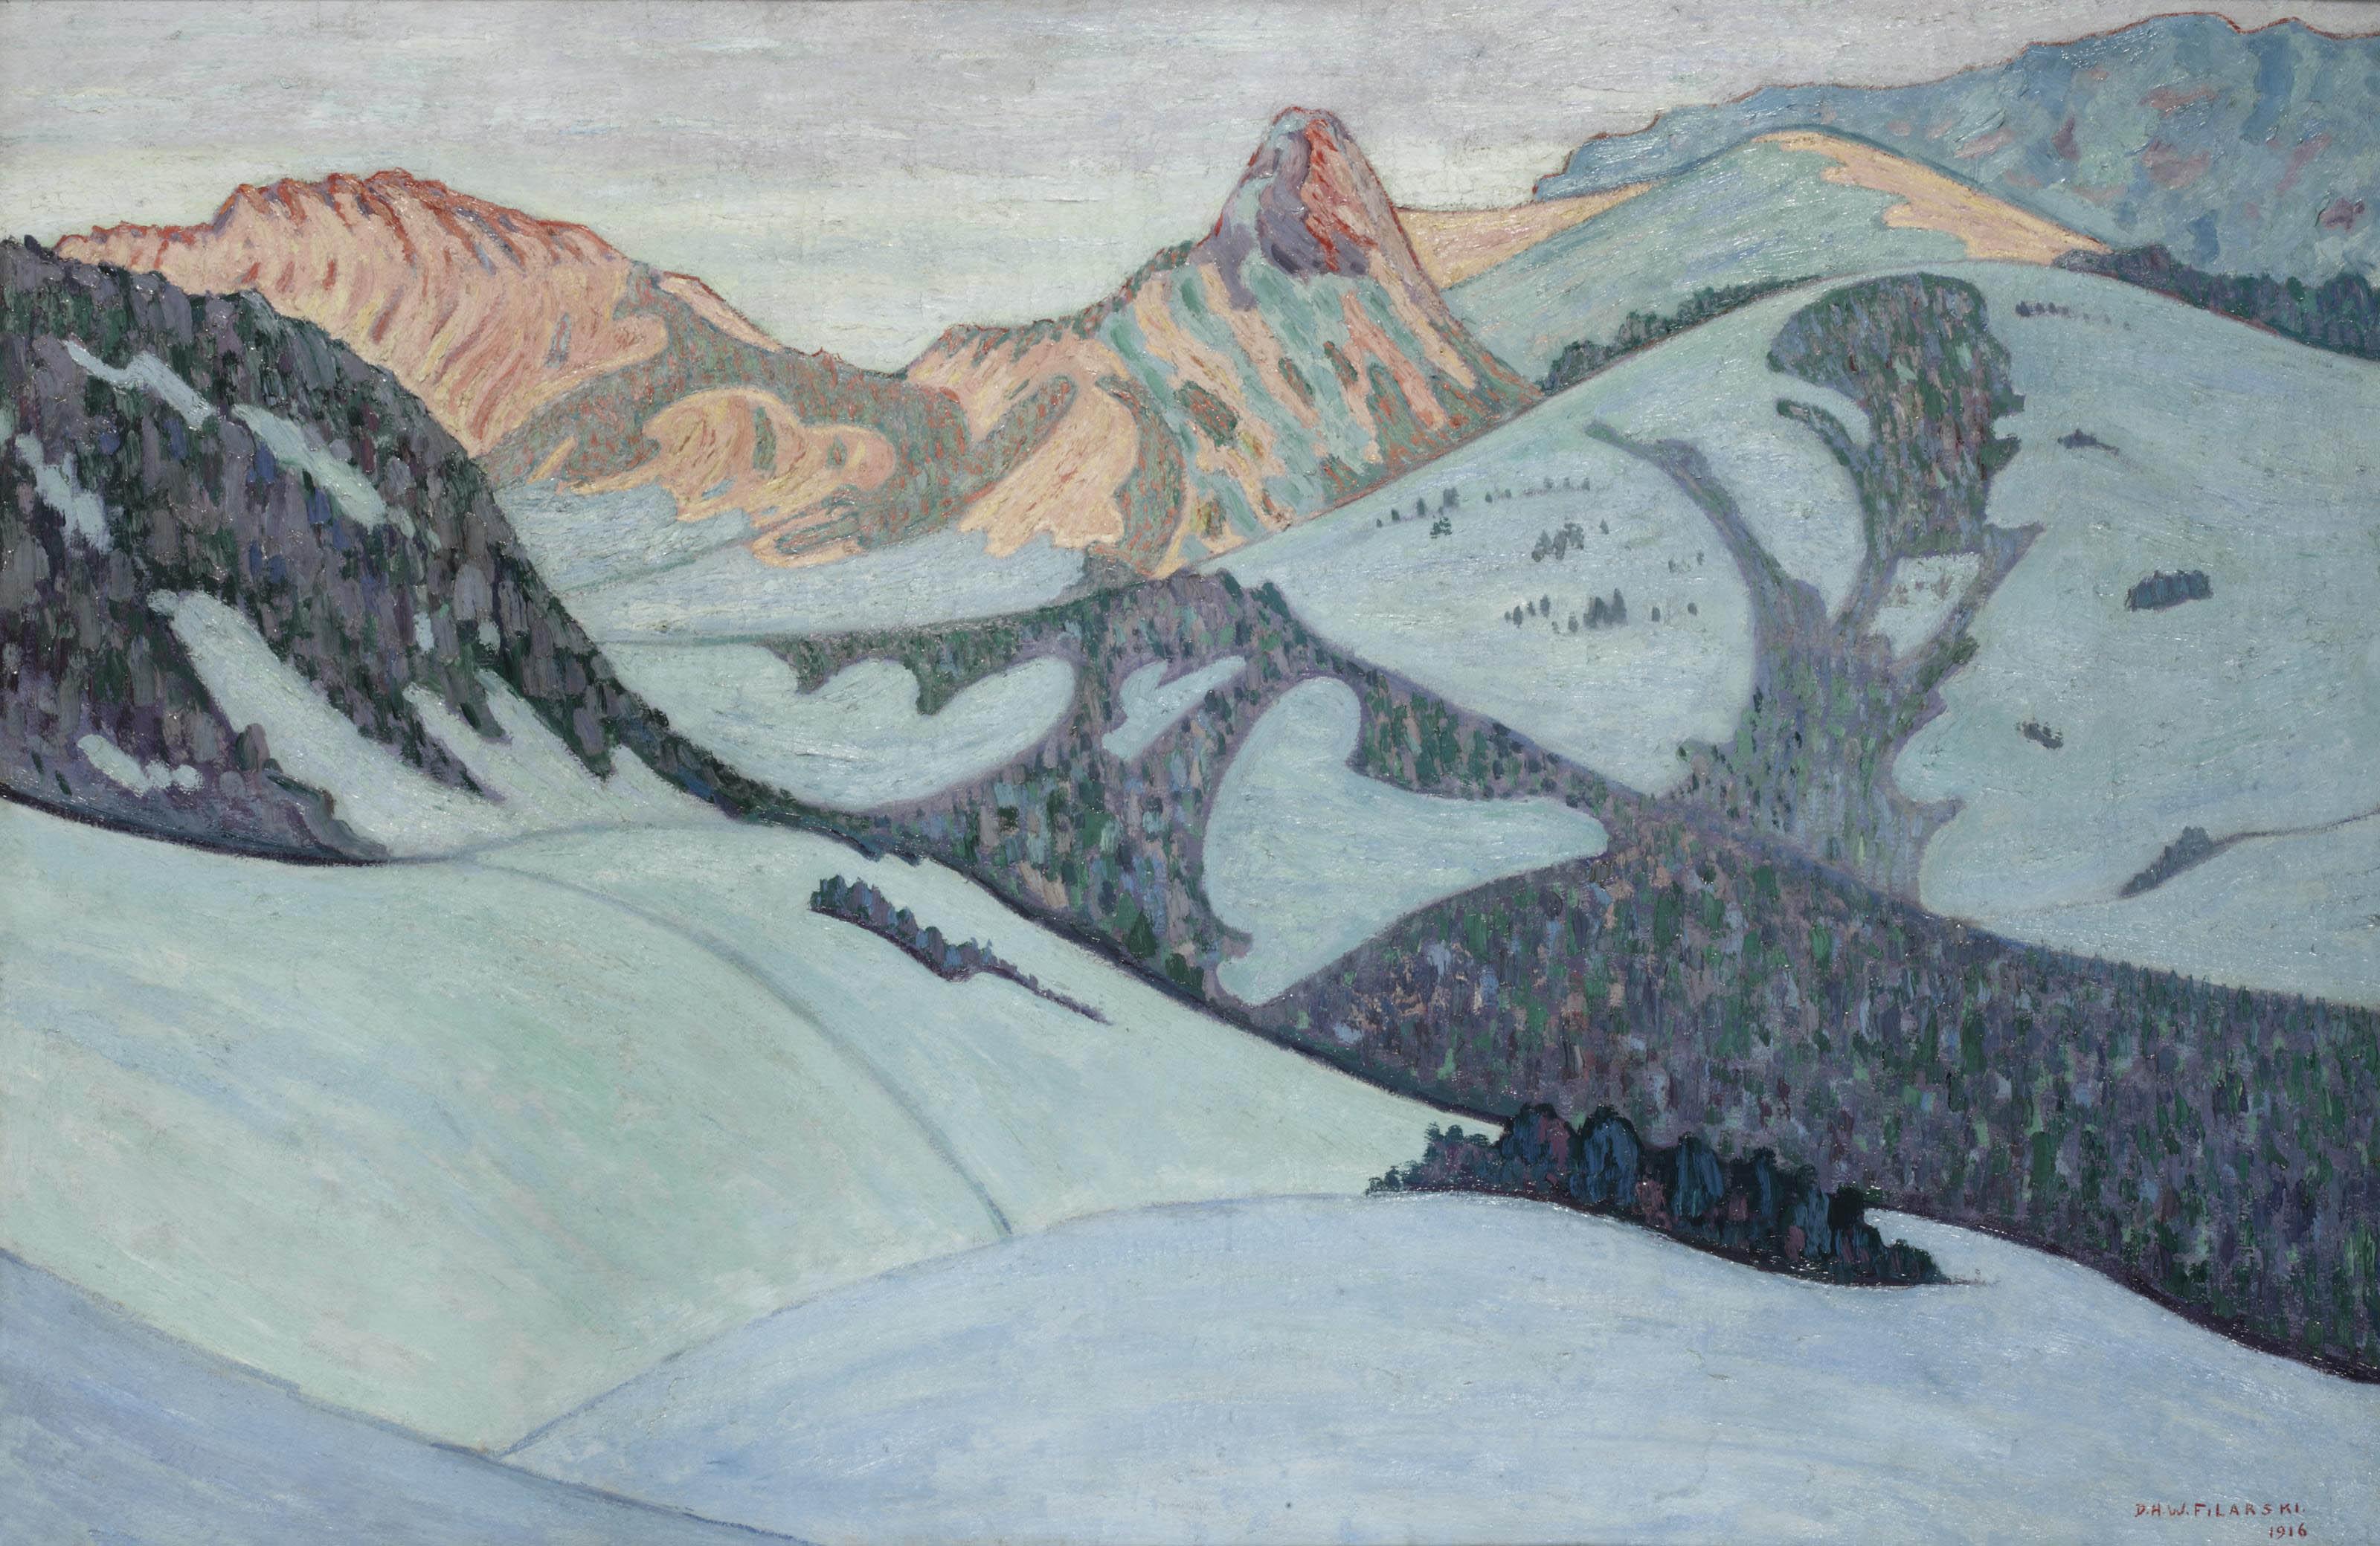 Alpenglooien; the Alps